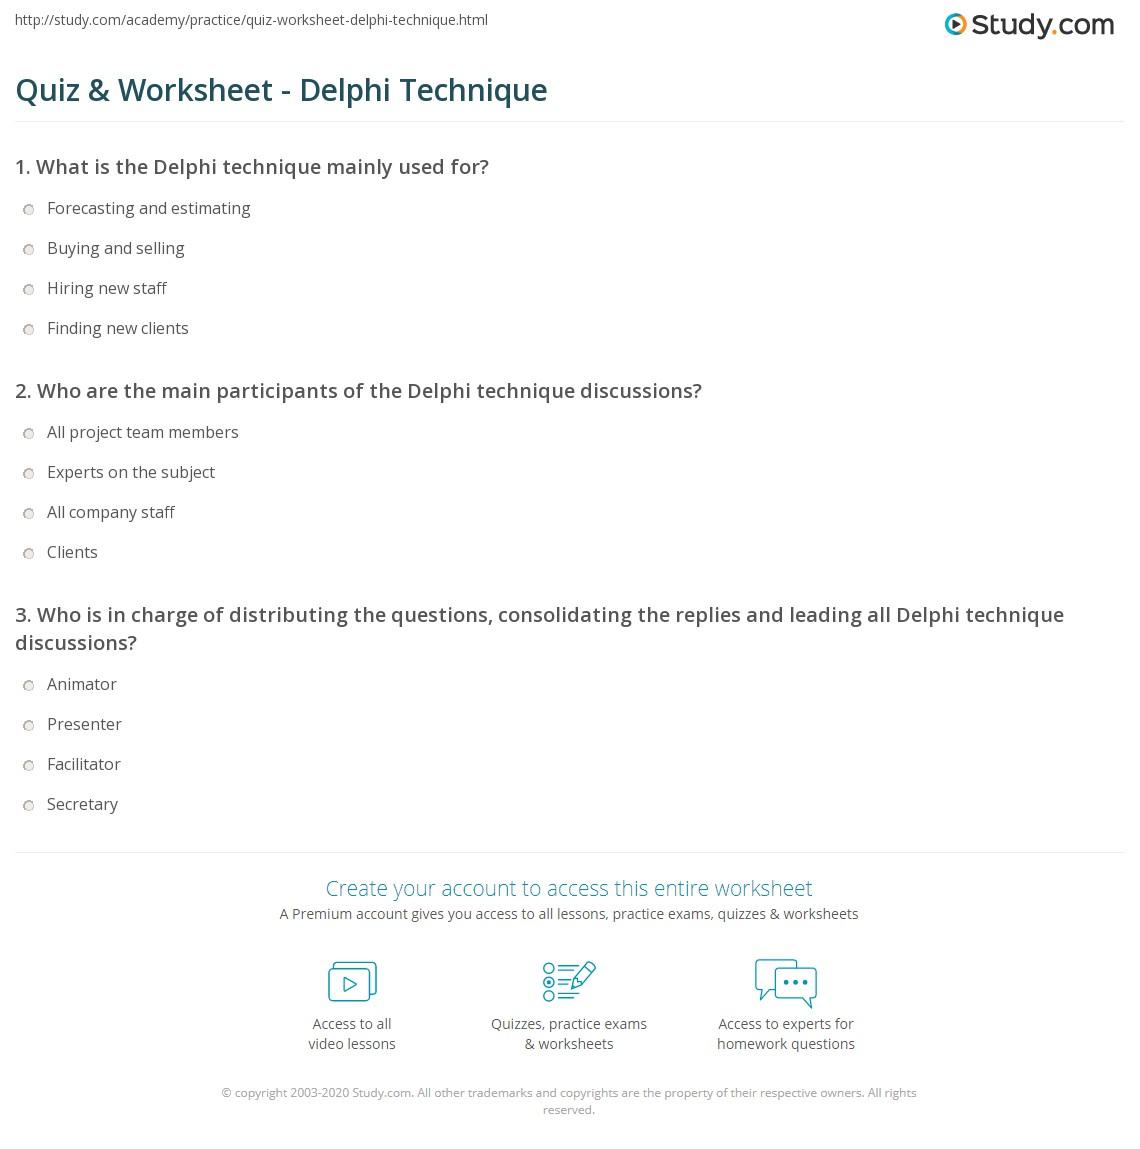 Quiz & Worksheet - Delphi Technique | Study com